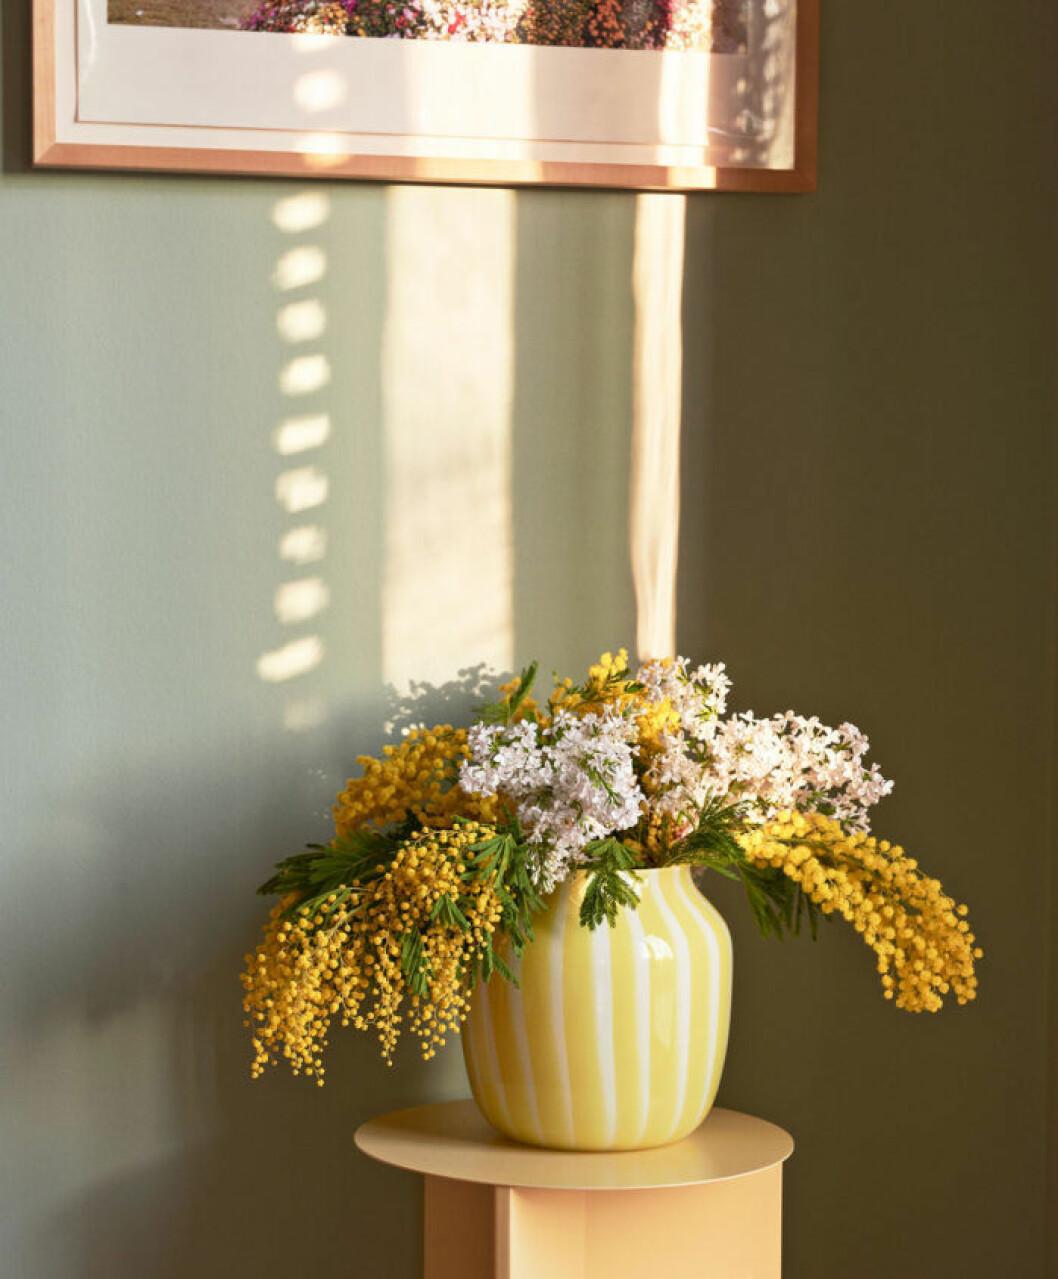 Trendiga ränder i gult och vitt på en vas från Hay